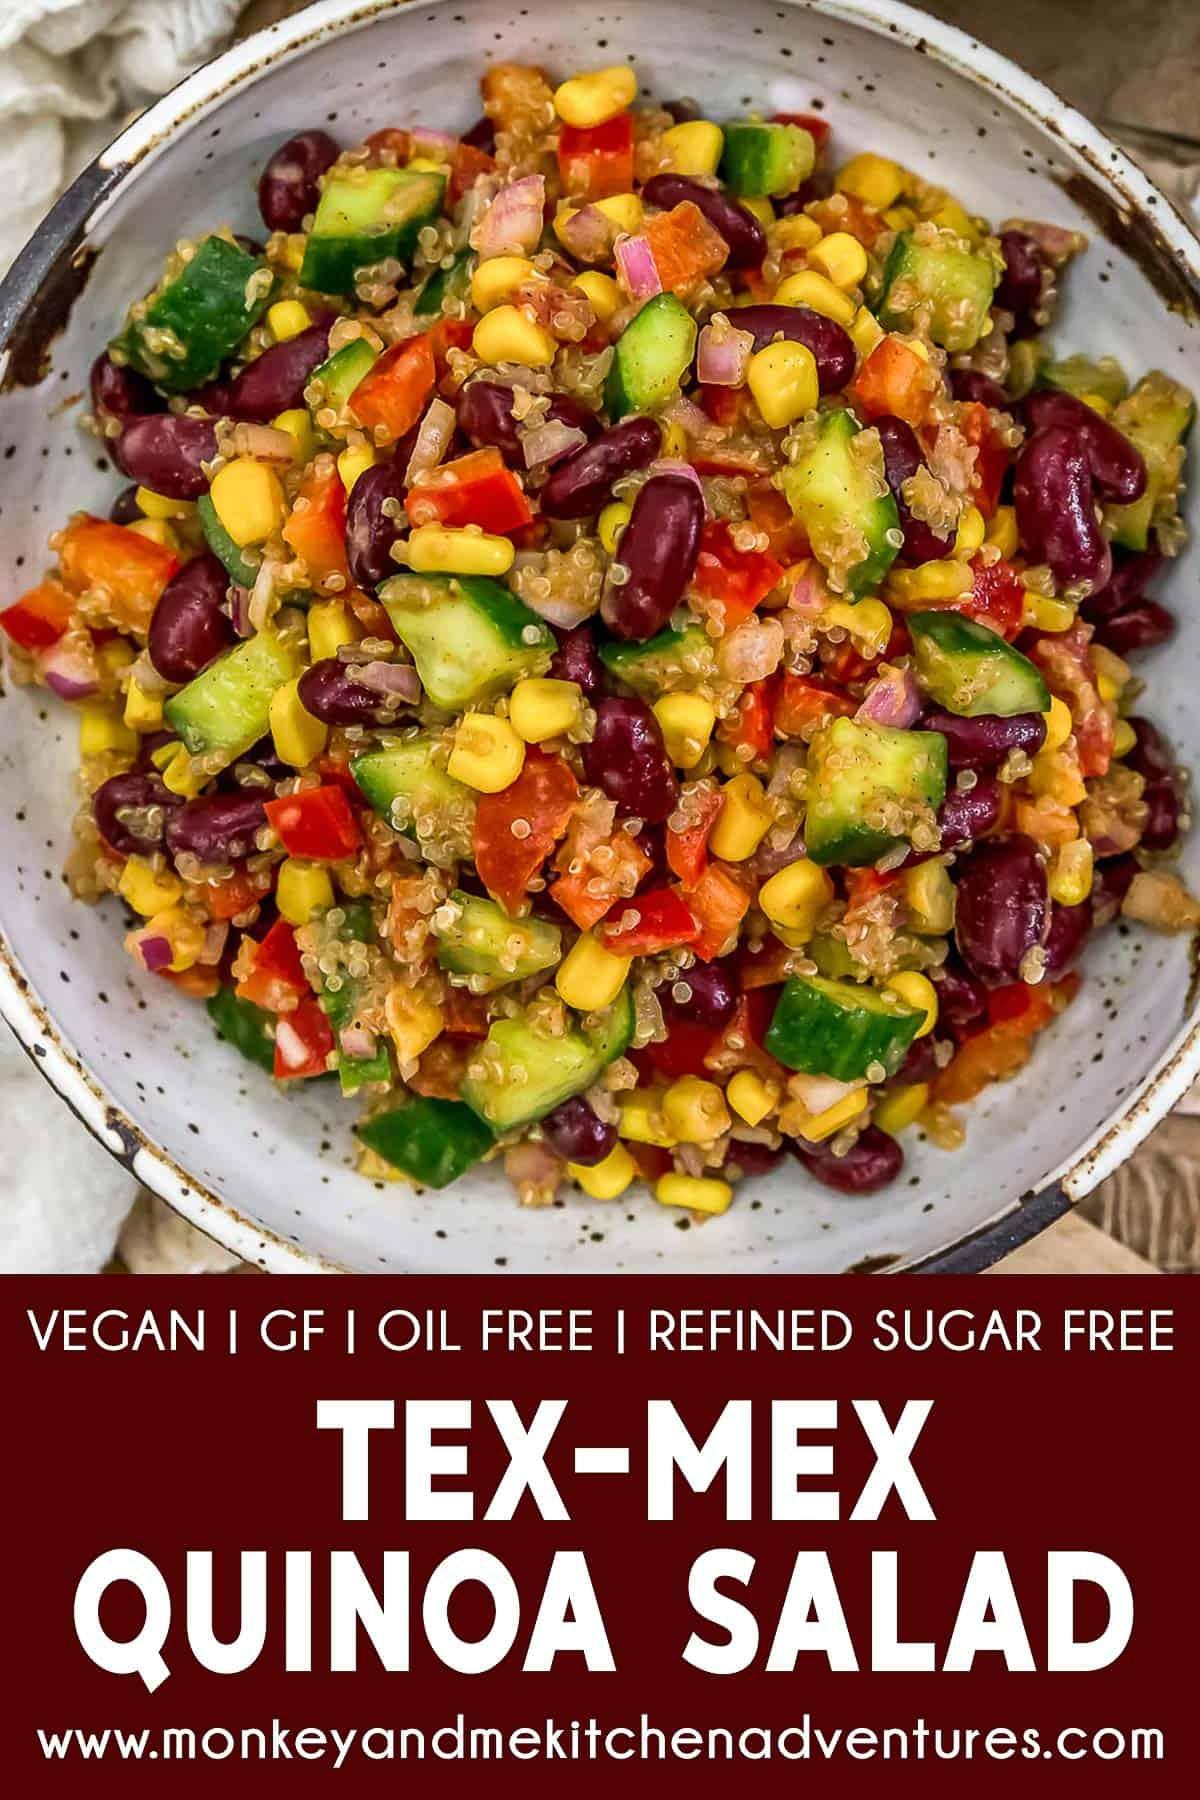 Tex-Mex Quinoa Salad with text description